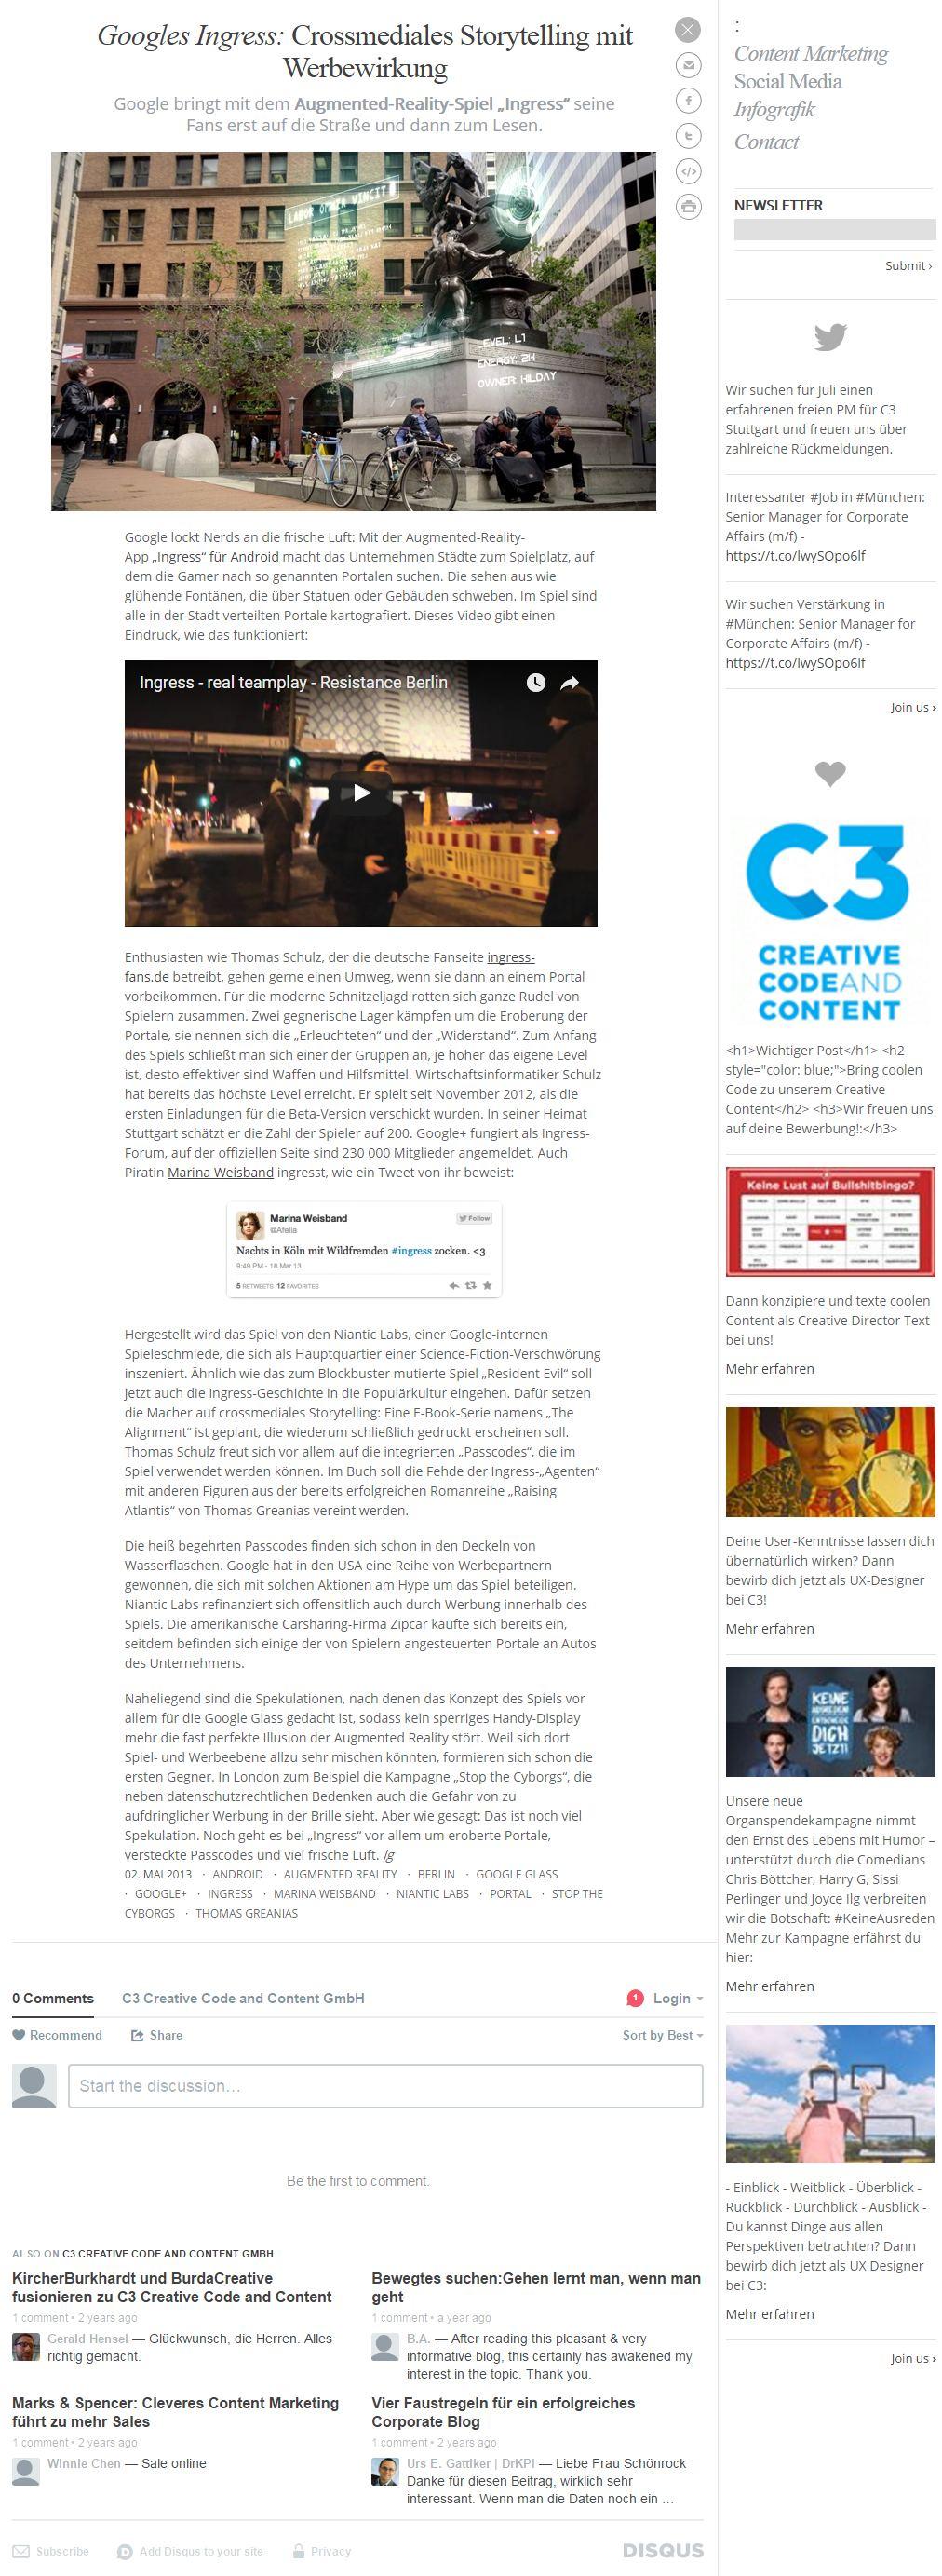 Googles Ingress: Crossmediales Storytelling mit Werbewirkung